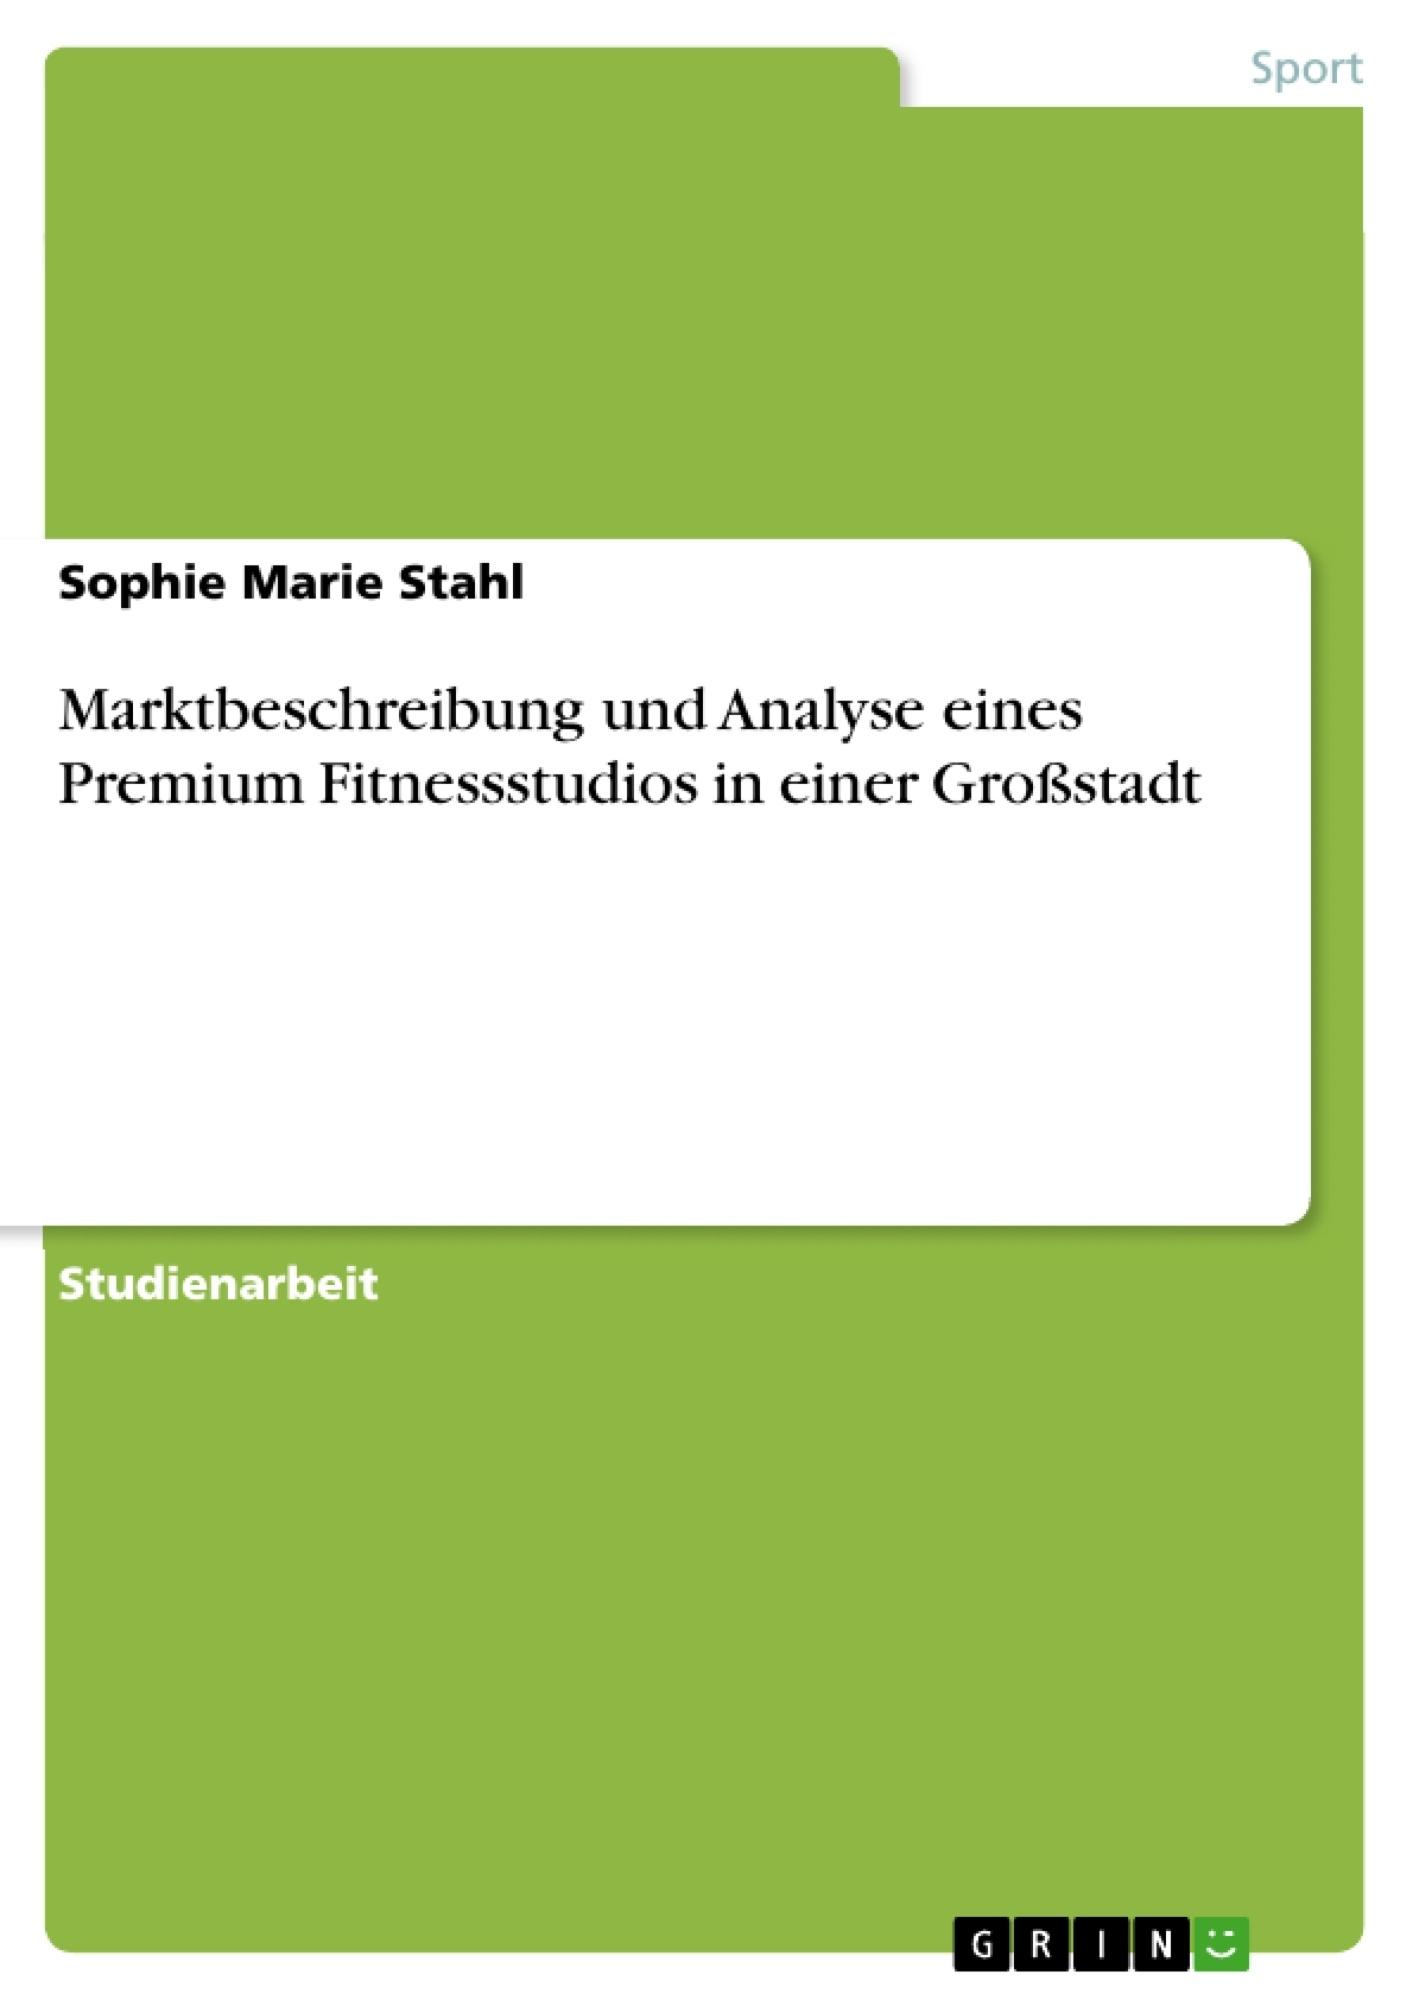 Titel: Marktbeschreibung und Analyse eines Premium Fitnessstudios in einer Großstadt